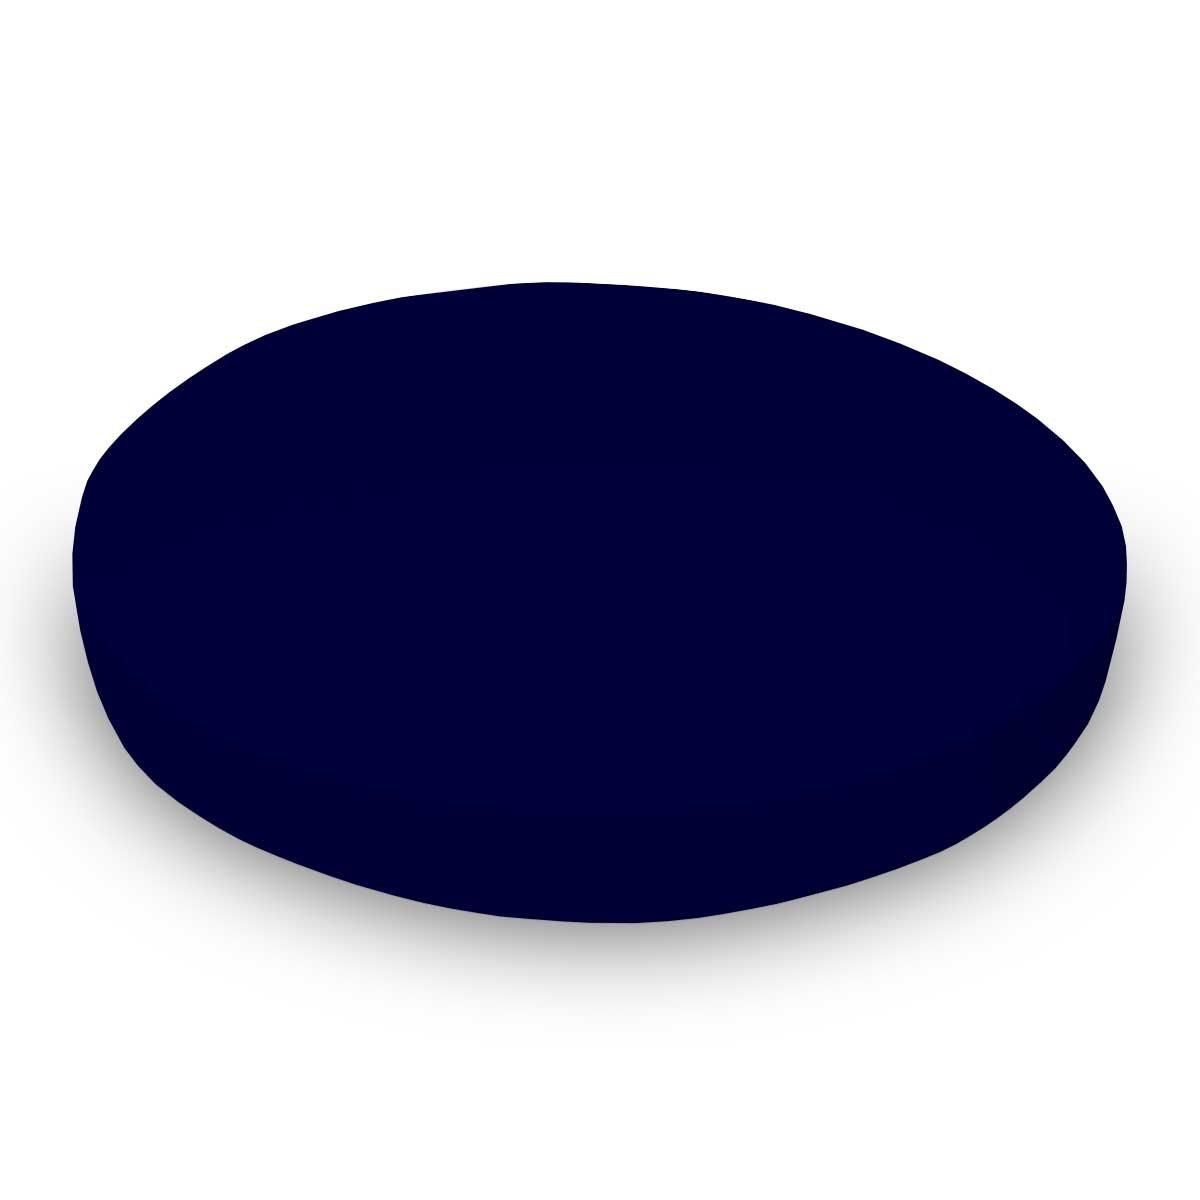 SheetWorld Round Crib Sheet - Purple Jersey Knit - Made In USA by sheetworld   B004P397B6